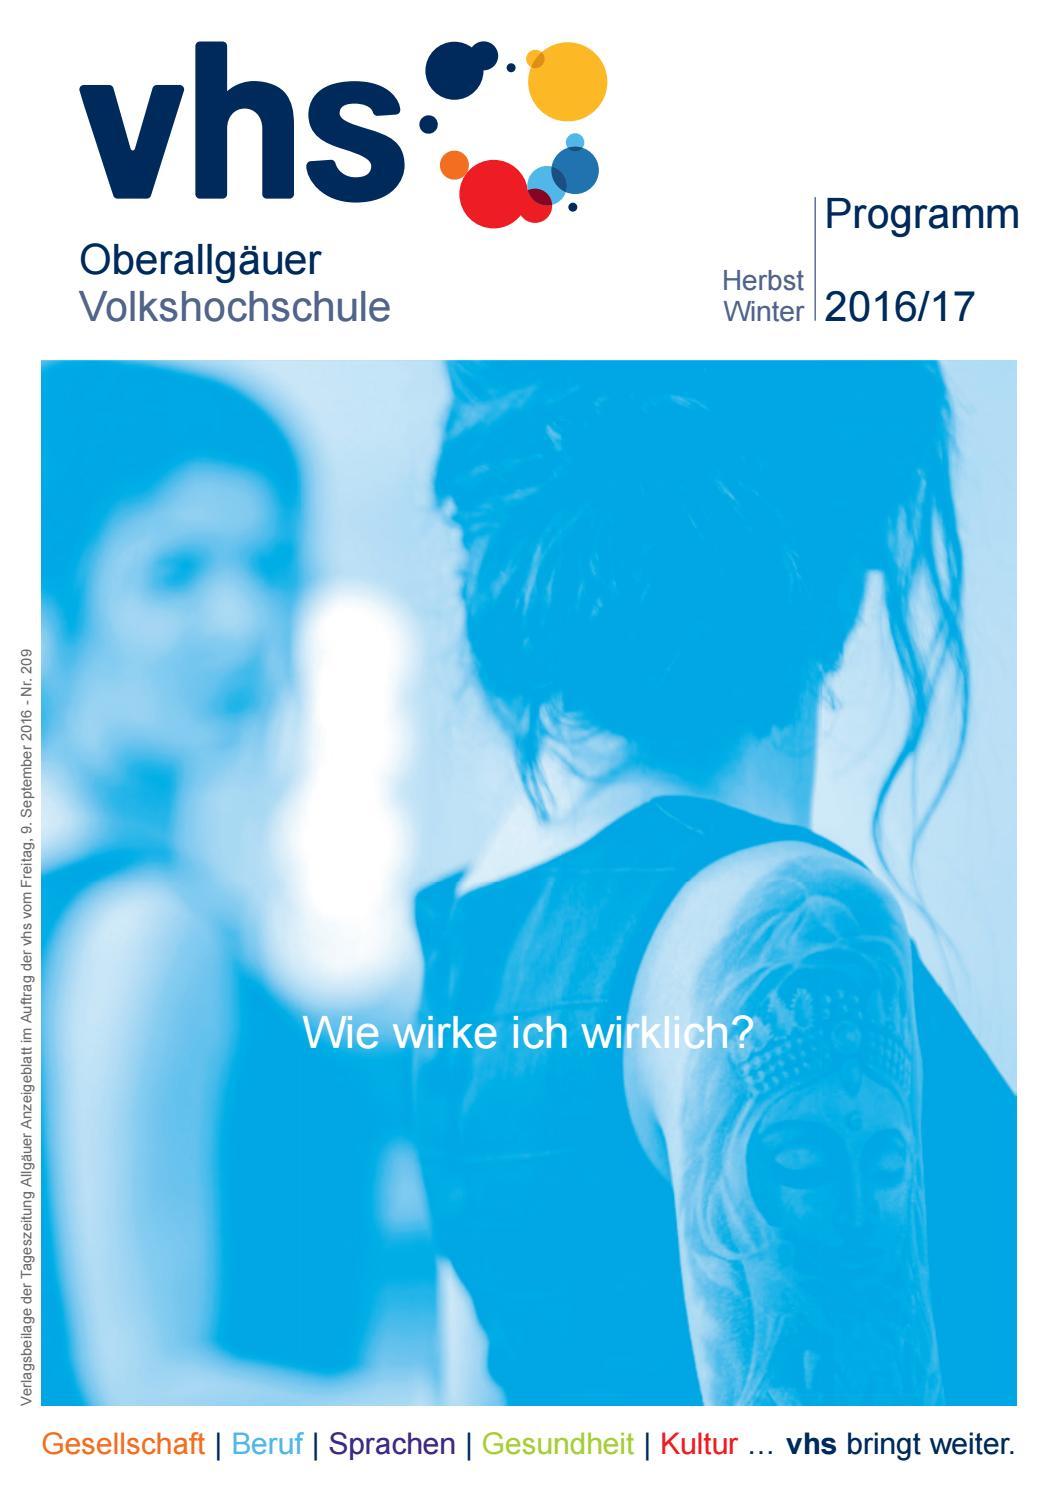 VHS-Herbst-/Winterprogramm 2016/17 by Oberallgäuer Volkshochschule ...